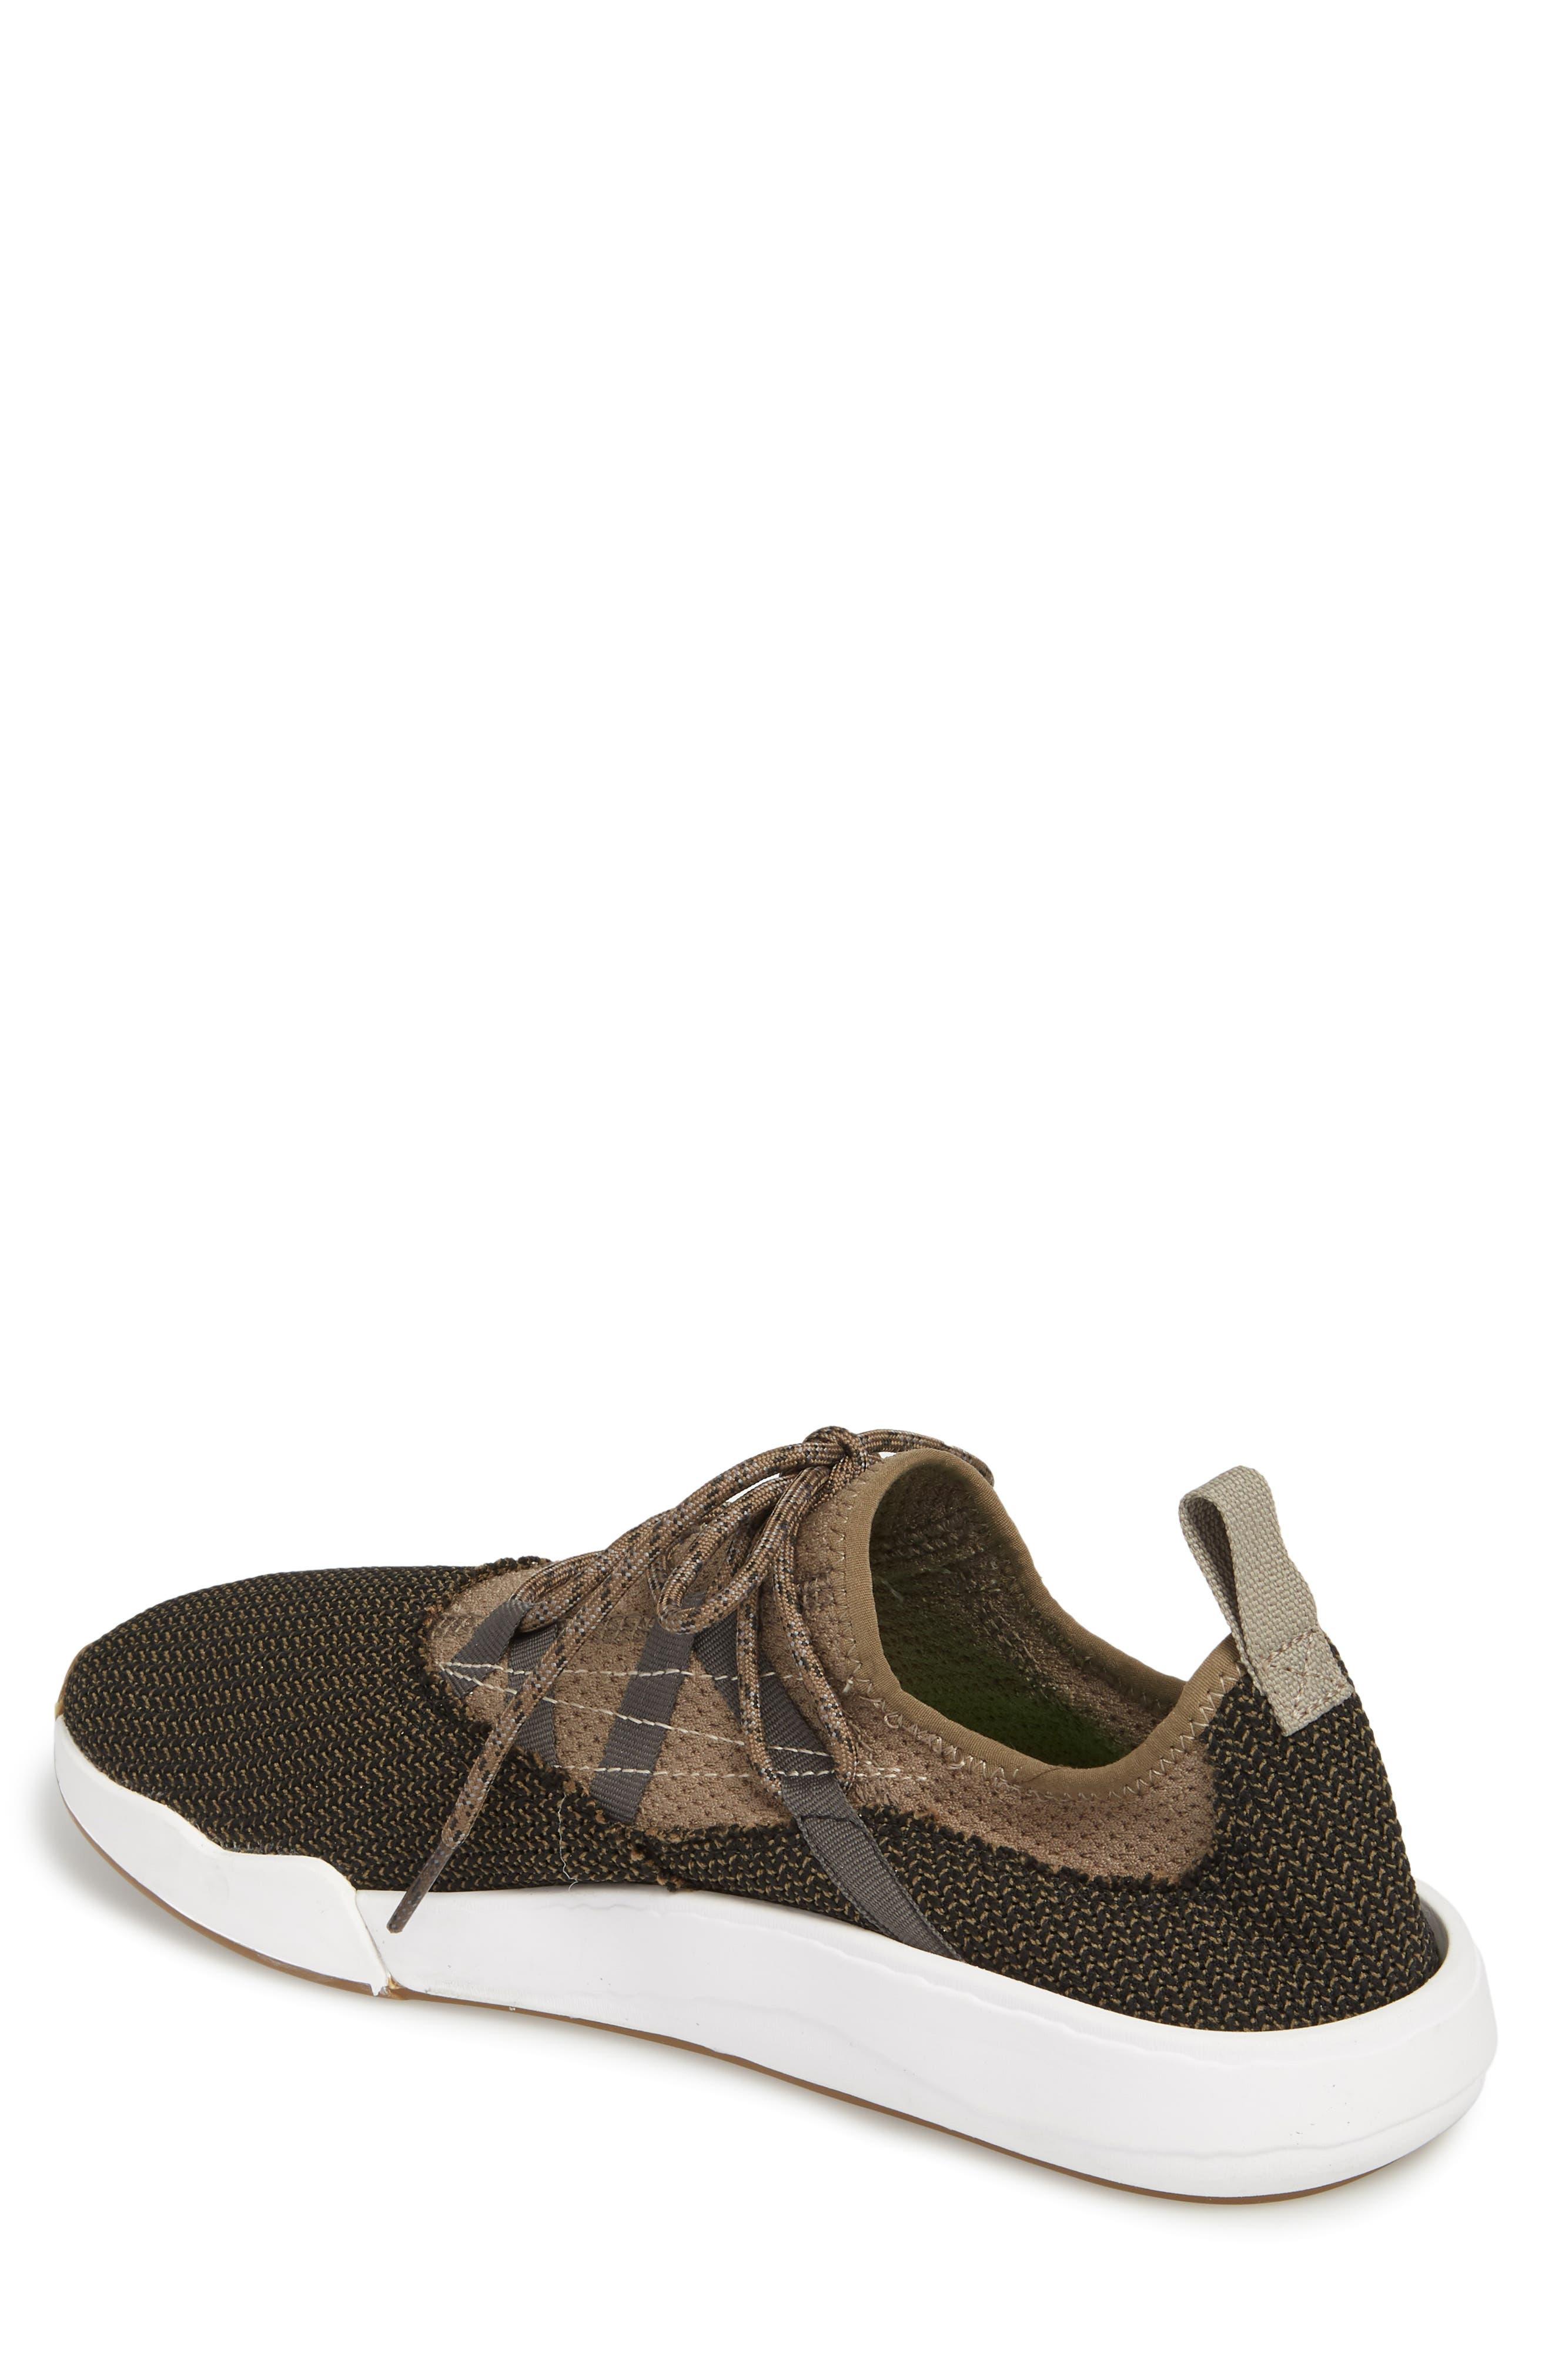 Chiba Quest Knit Sneaker,                             Alternate thumbnail 2, color,                             Brindle/ Black